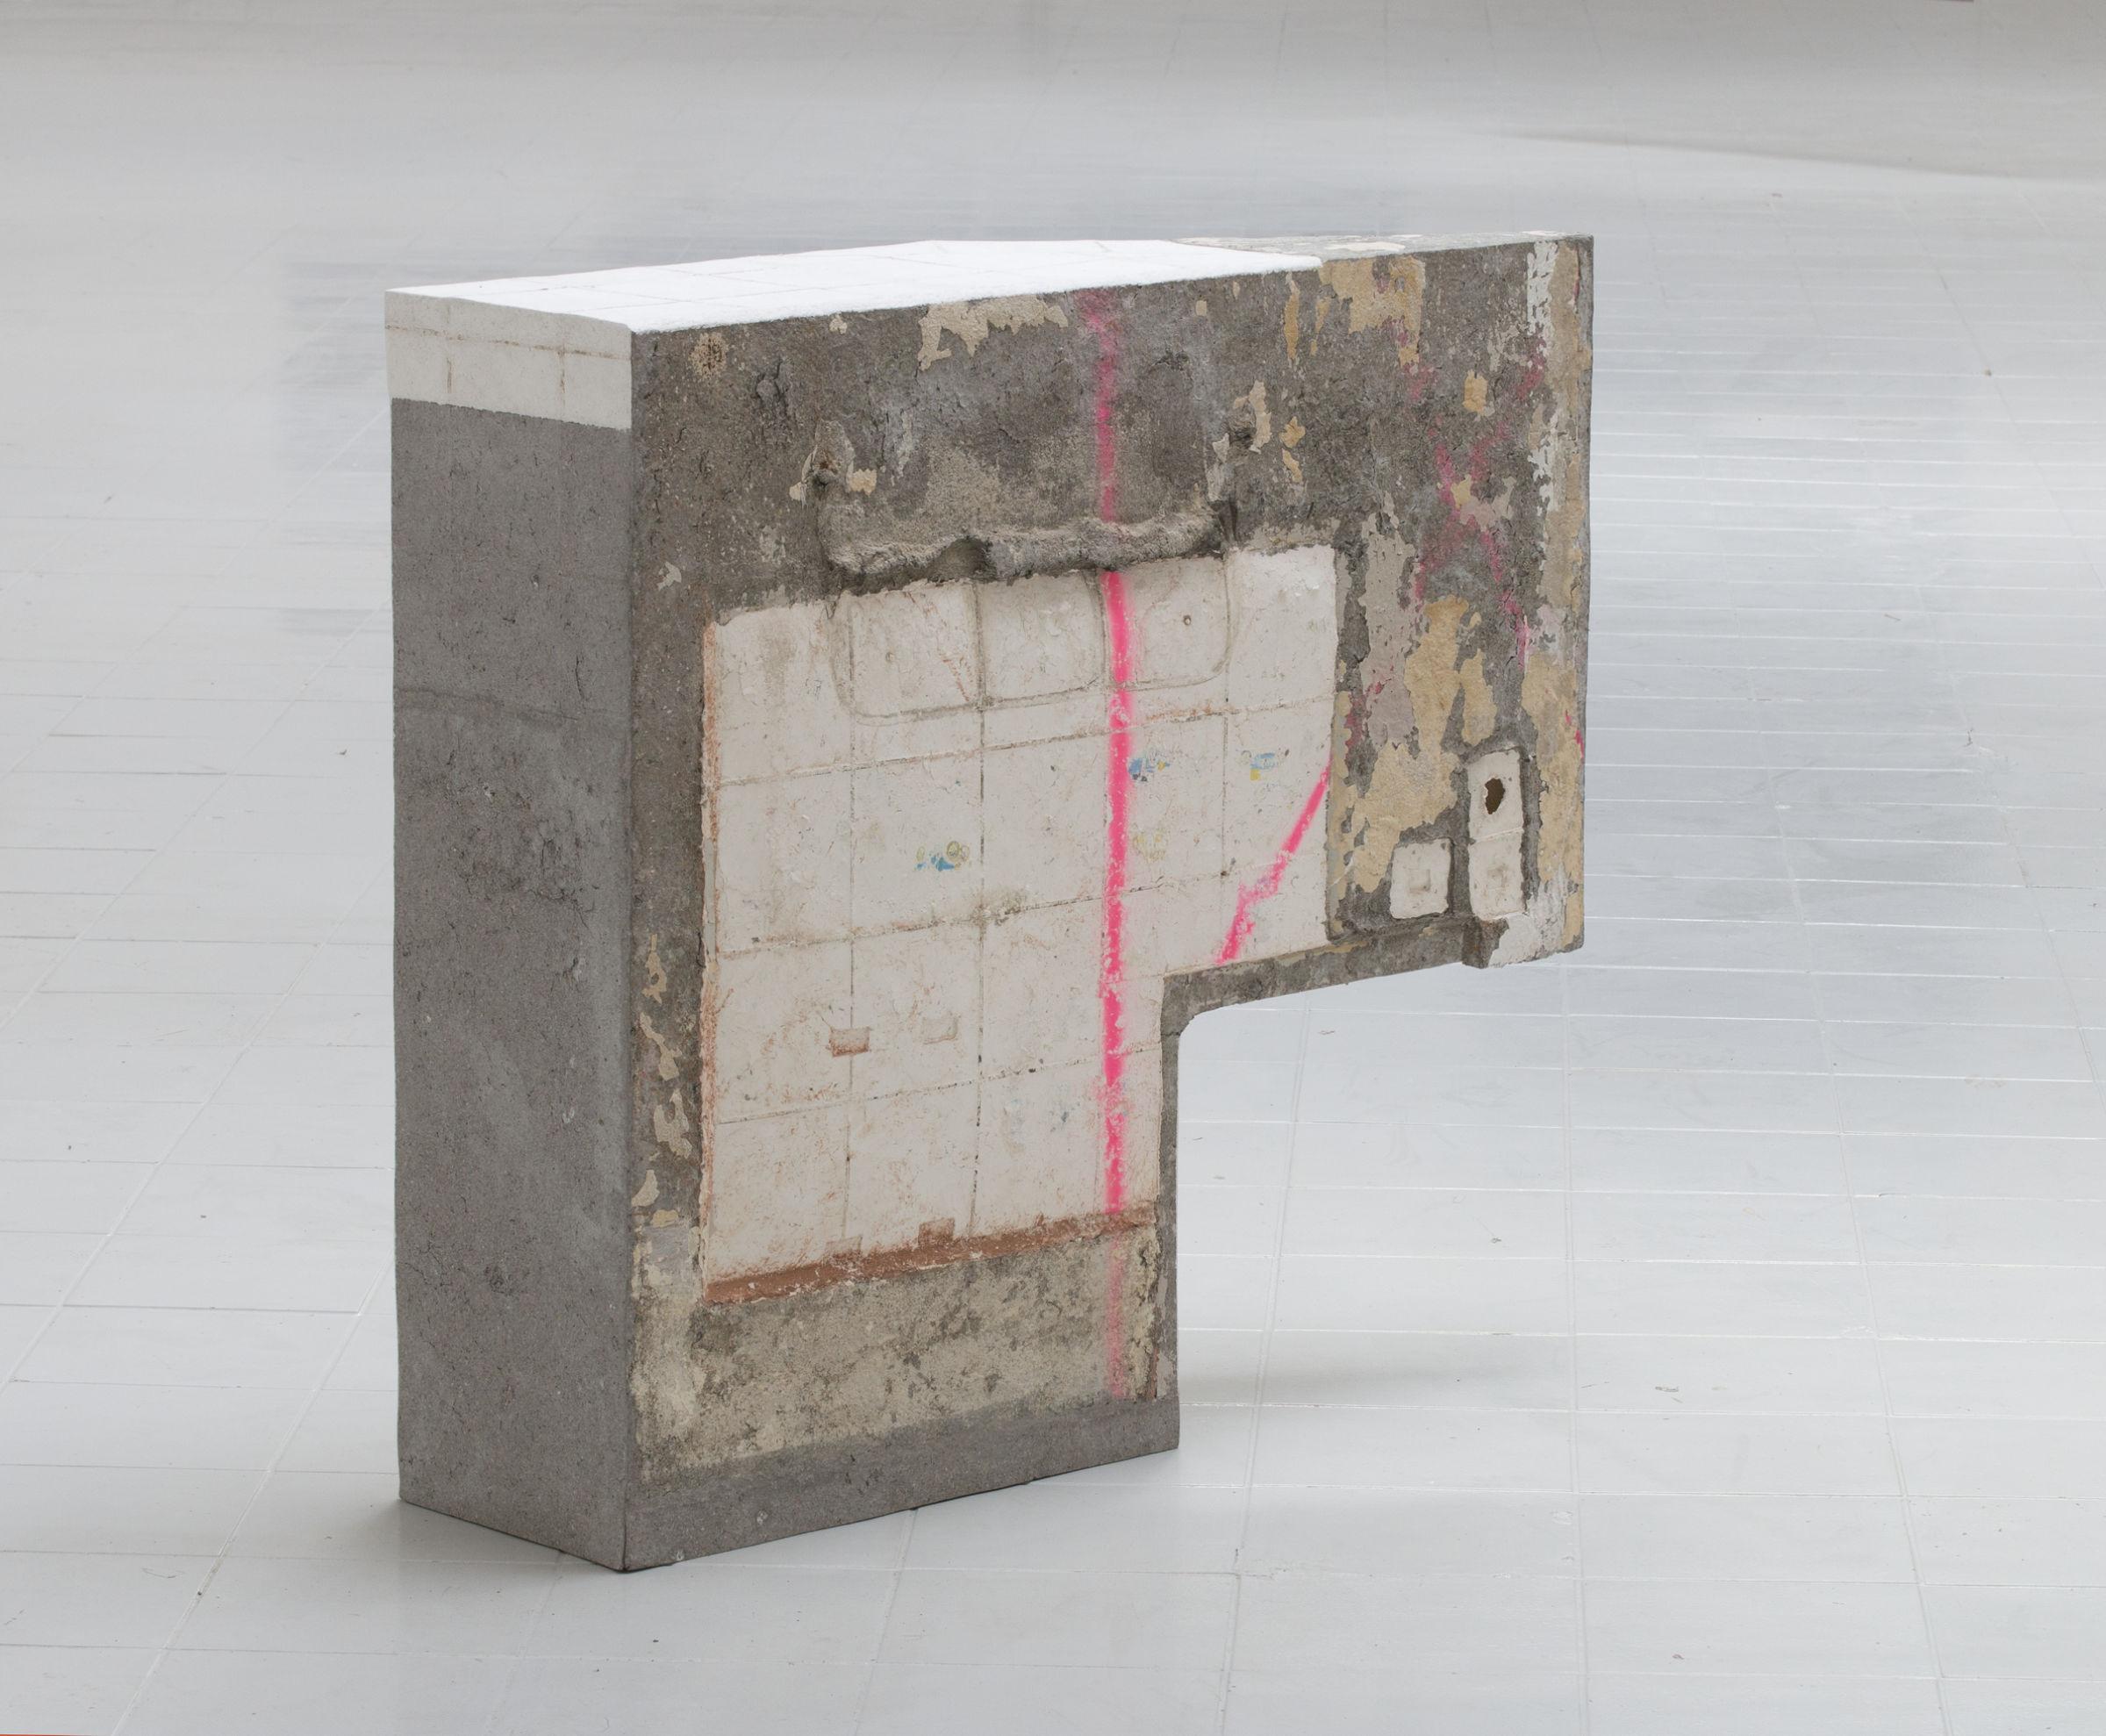 Keil-I_-2019-_-Papermachewallimprints-140cm-120cm-40cm_DSC0035